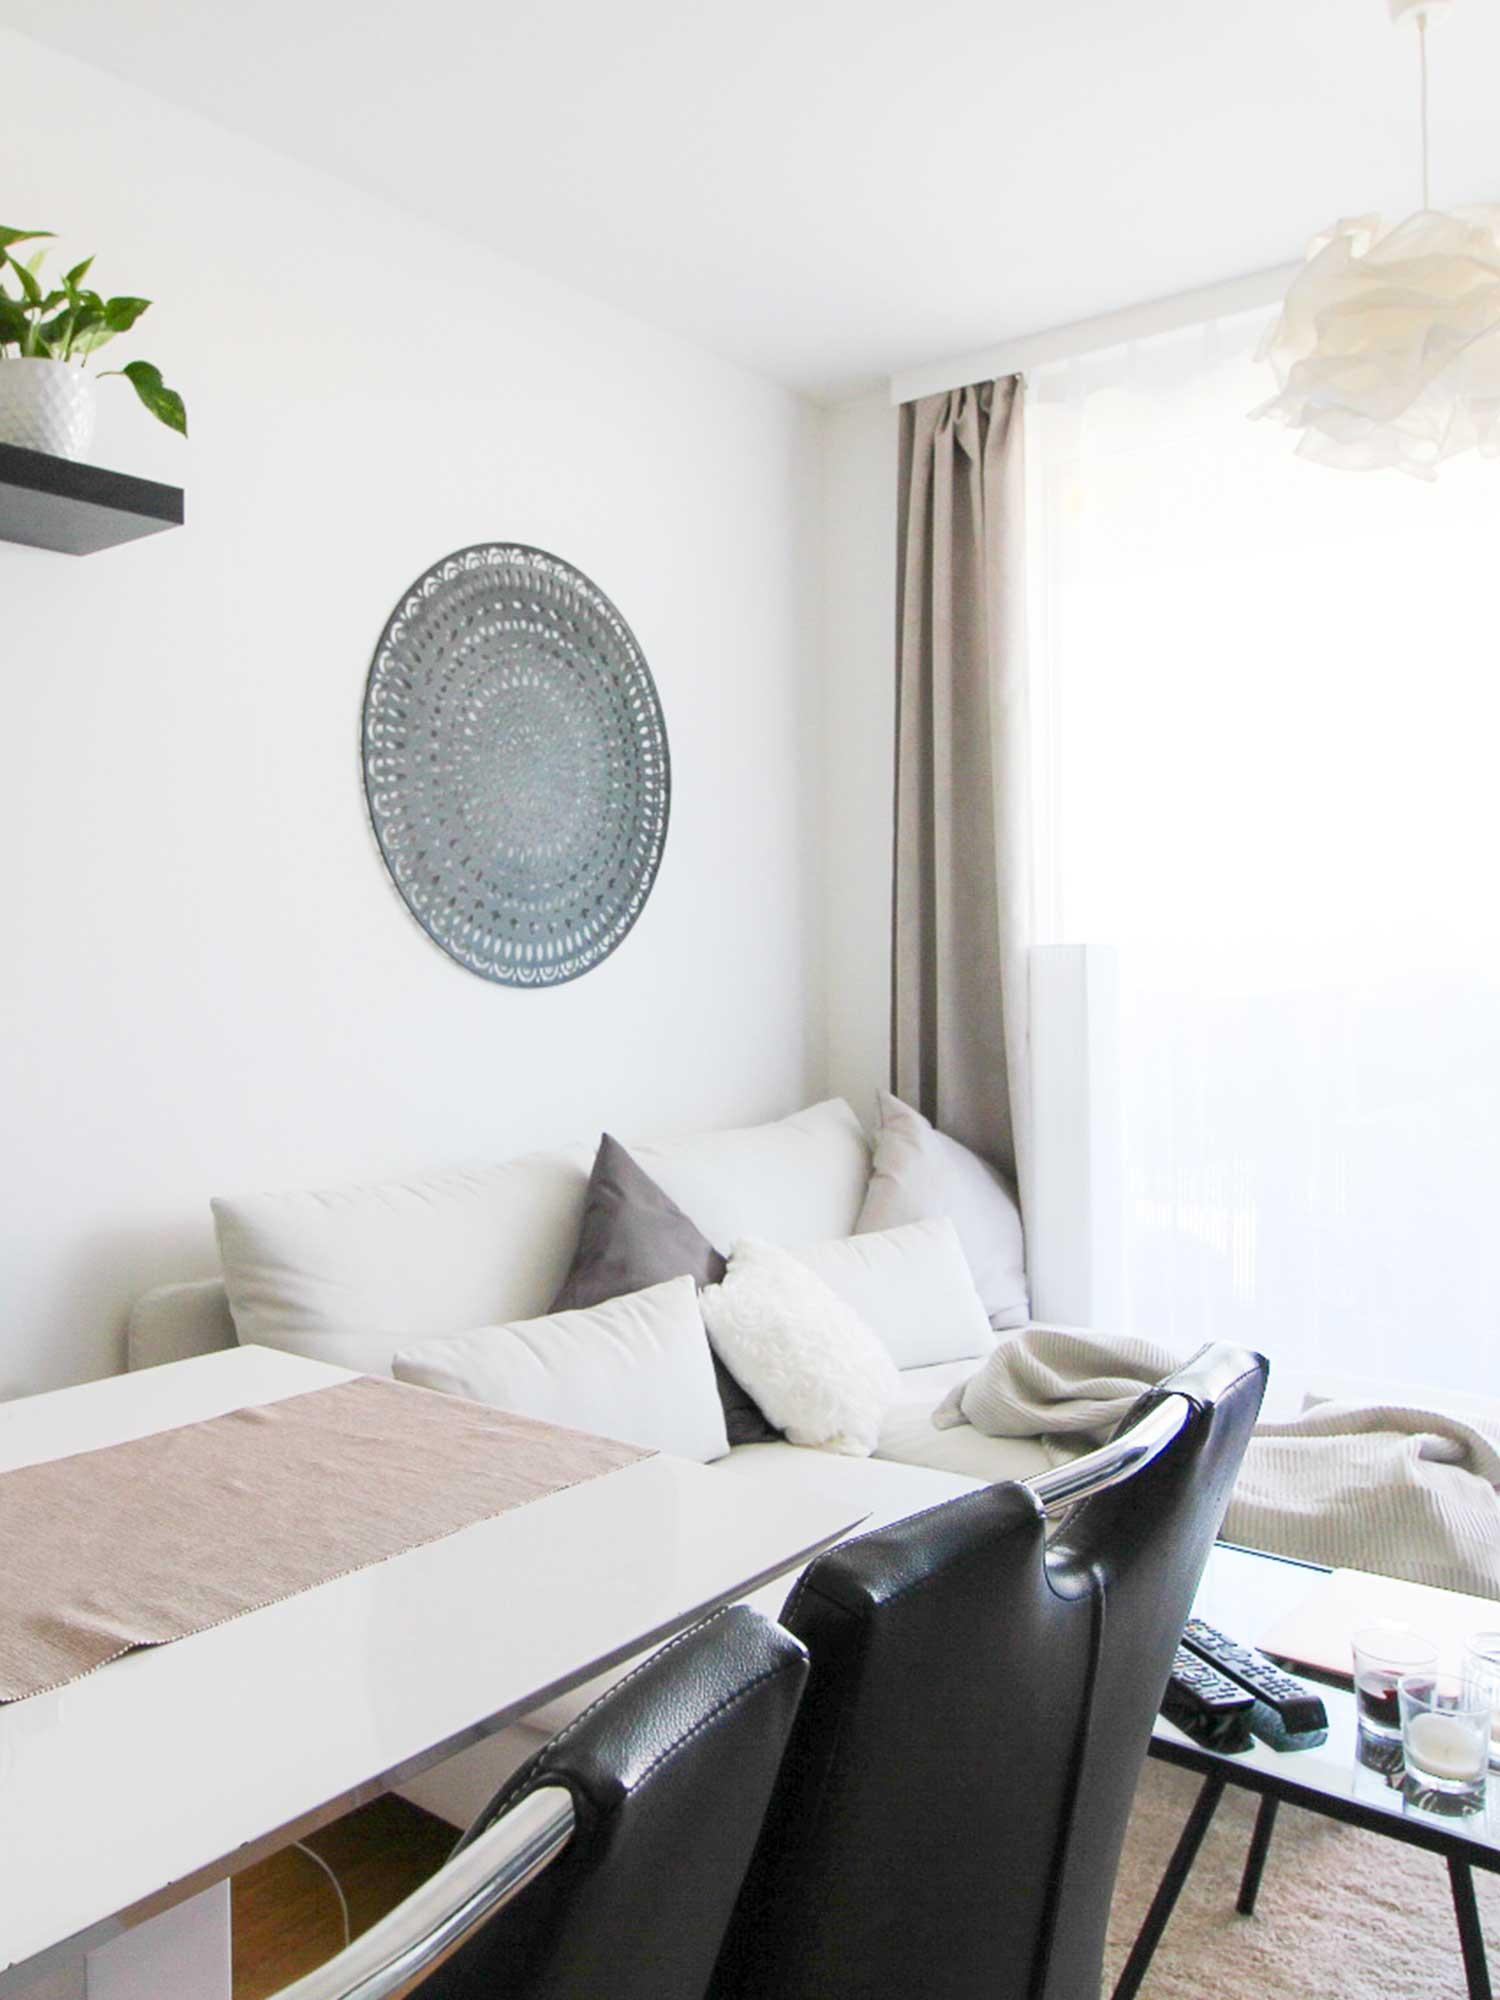 Allround Einrichtungsberatung | kontraste - interiordesign by anna